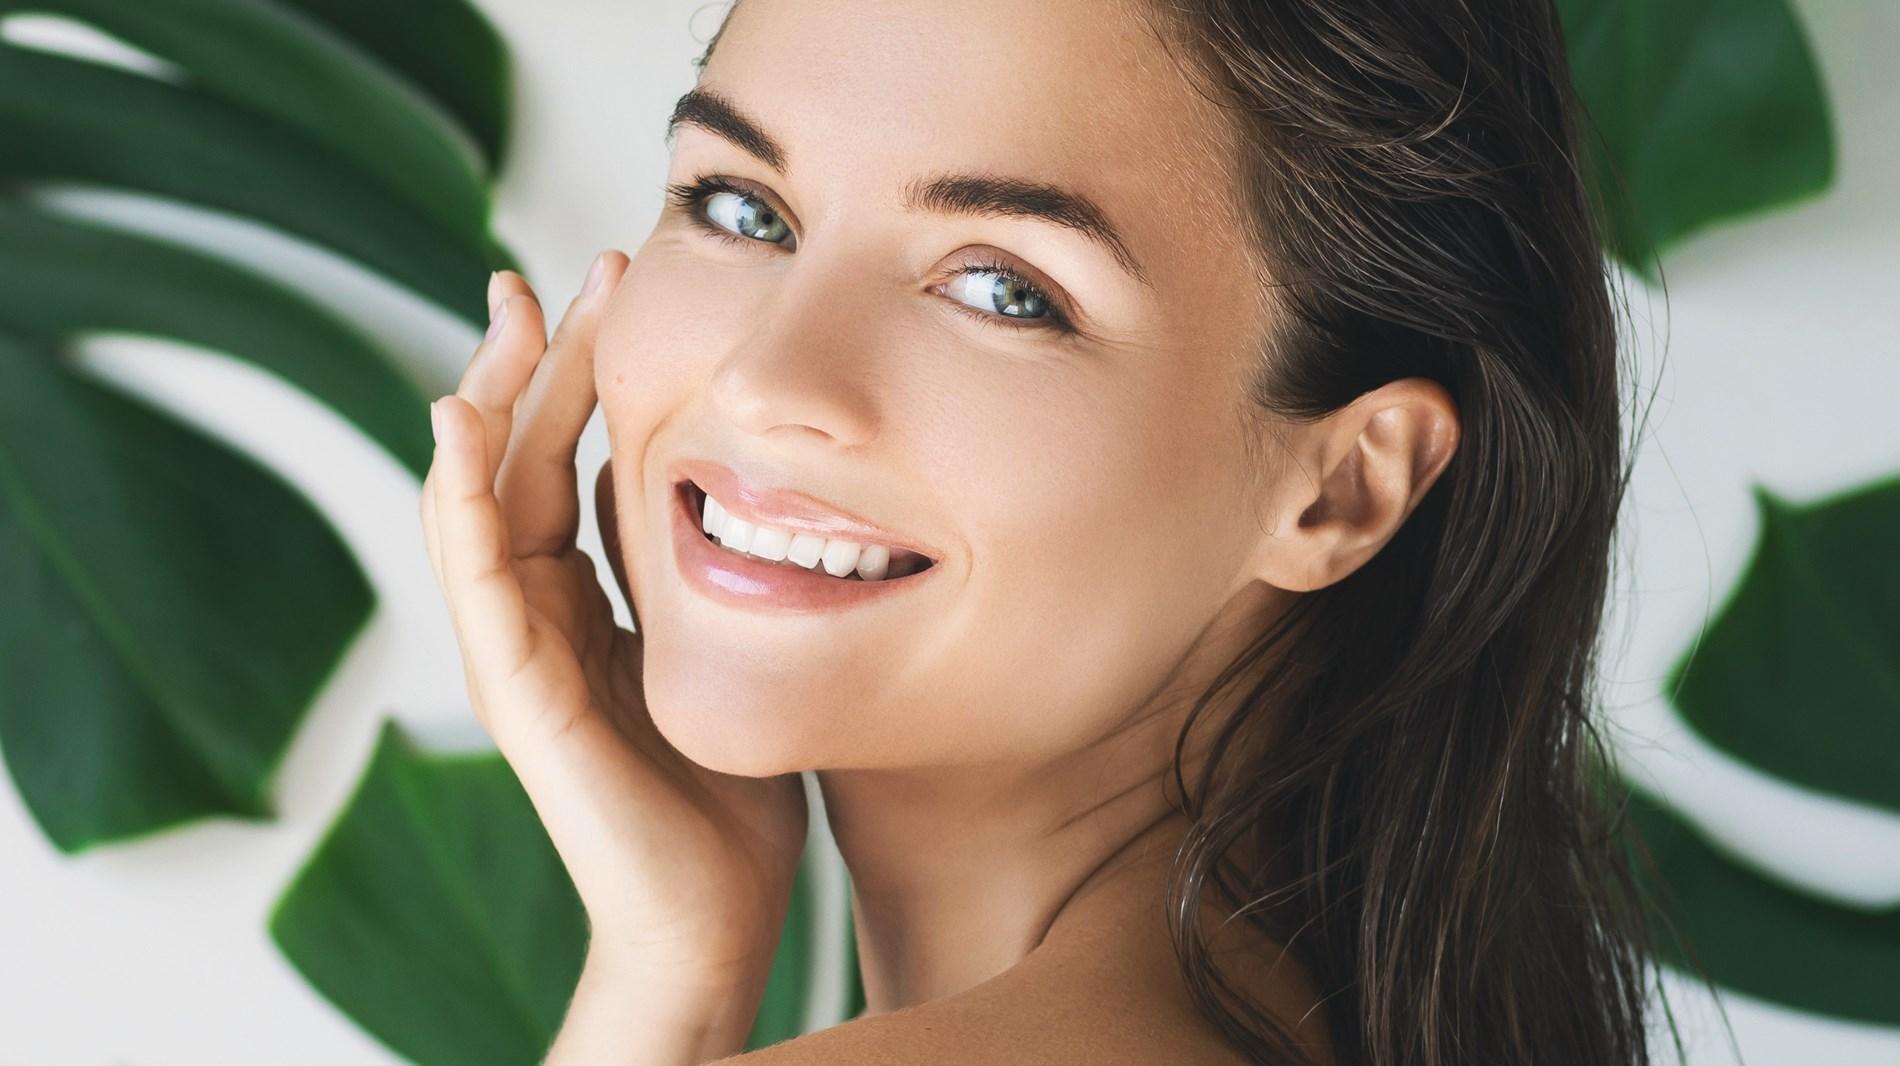 إليكِ أفضل المنتجات الطبيعية لتبييض الأسنان